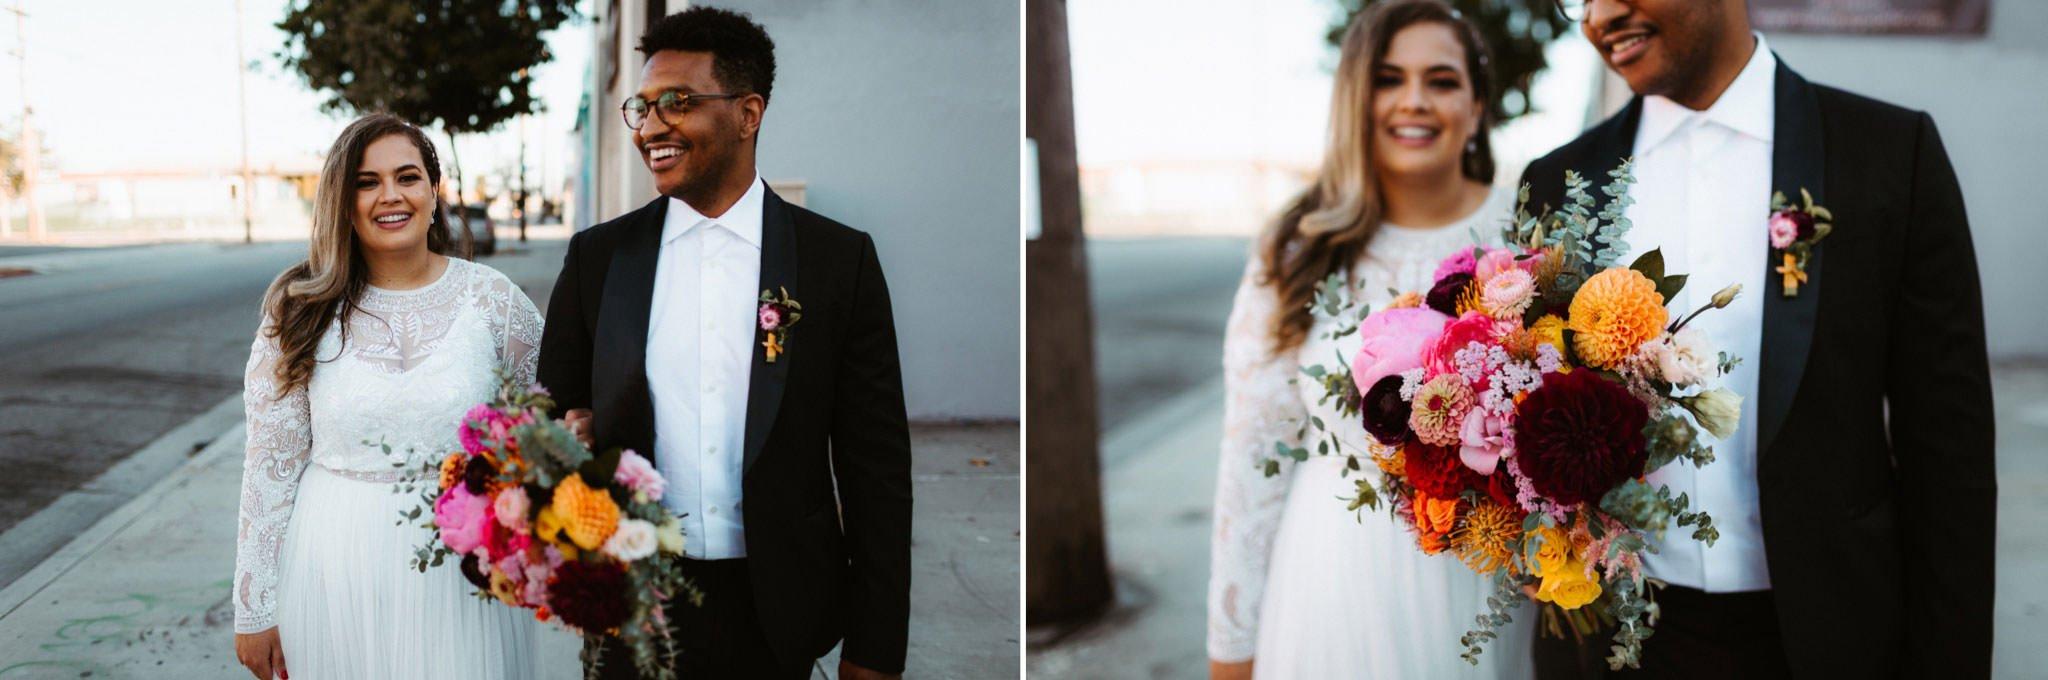 la elopement photos 090